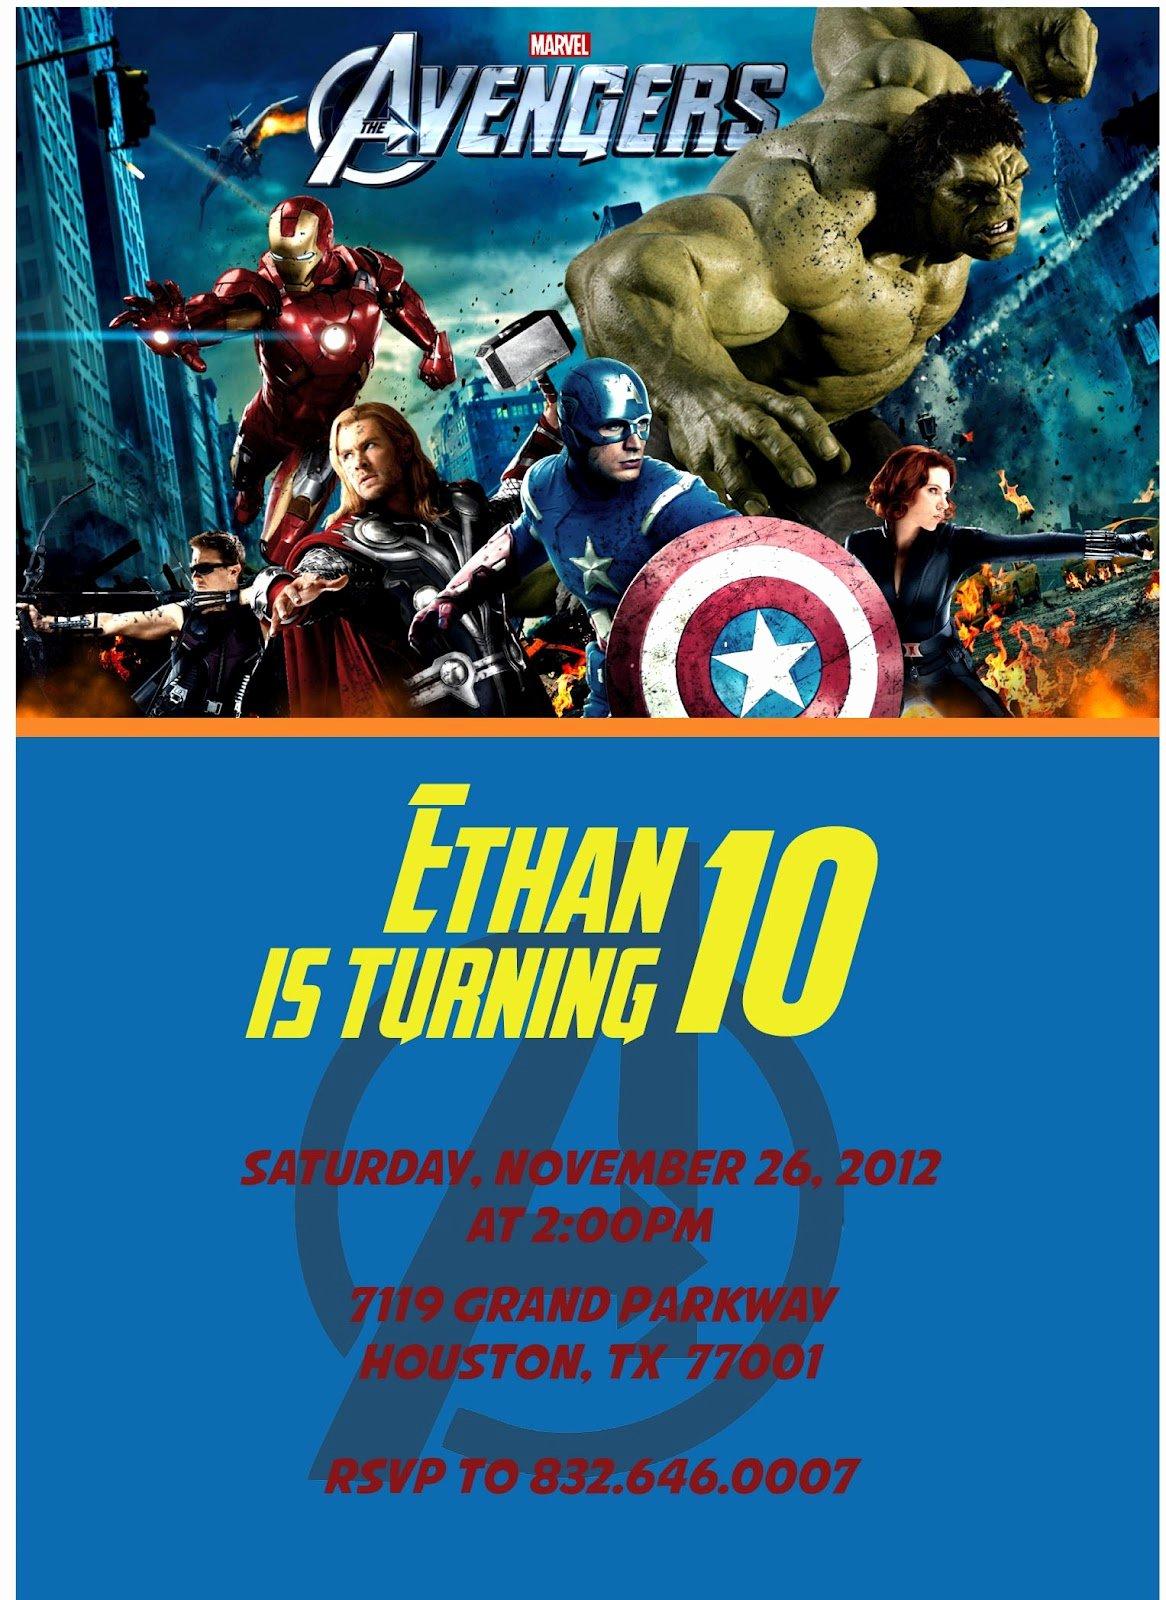 Avenger Birthday Party Invitations Fresh 3 Monkeys and More Avengers Birthday Invitations